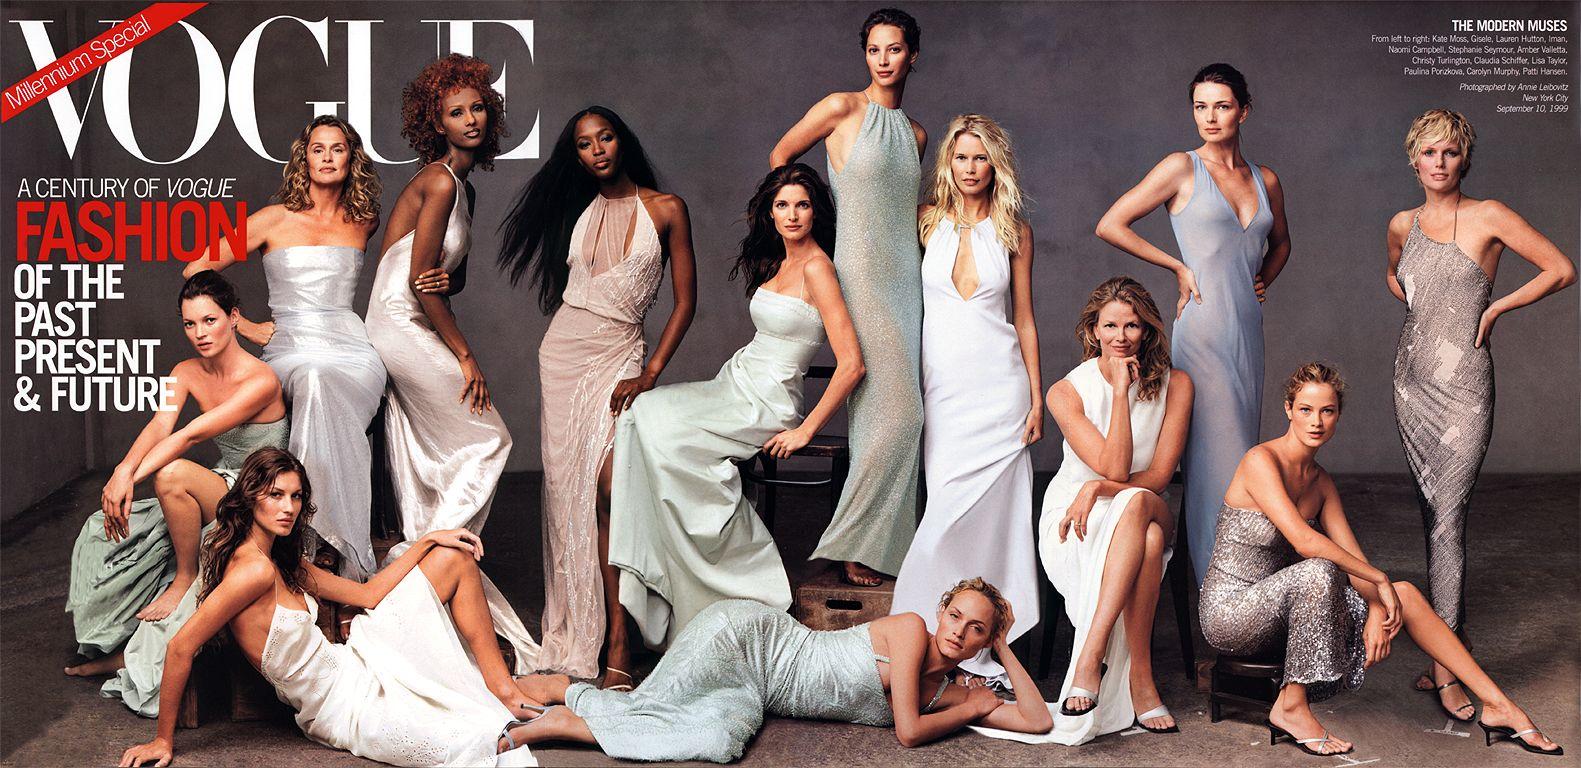 超級名模 Super Model Vogue